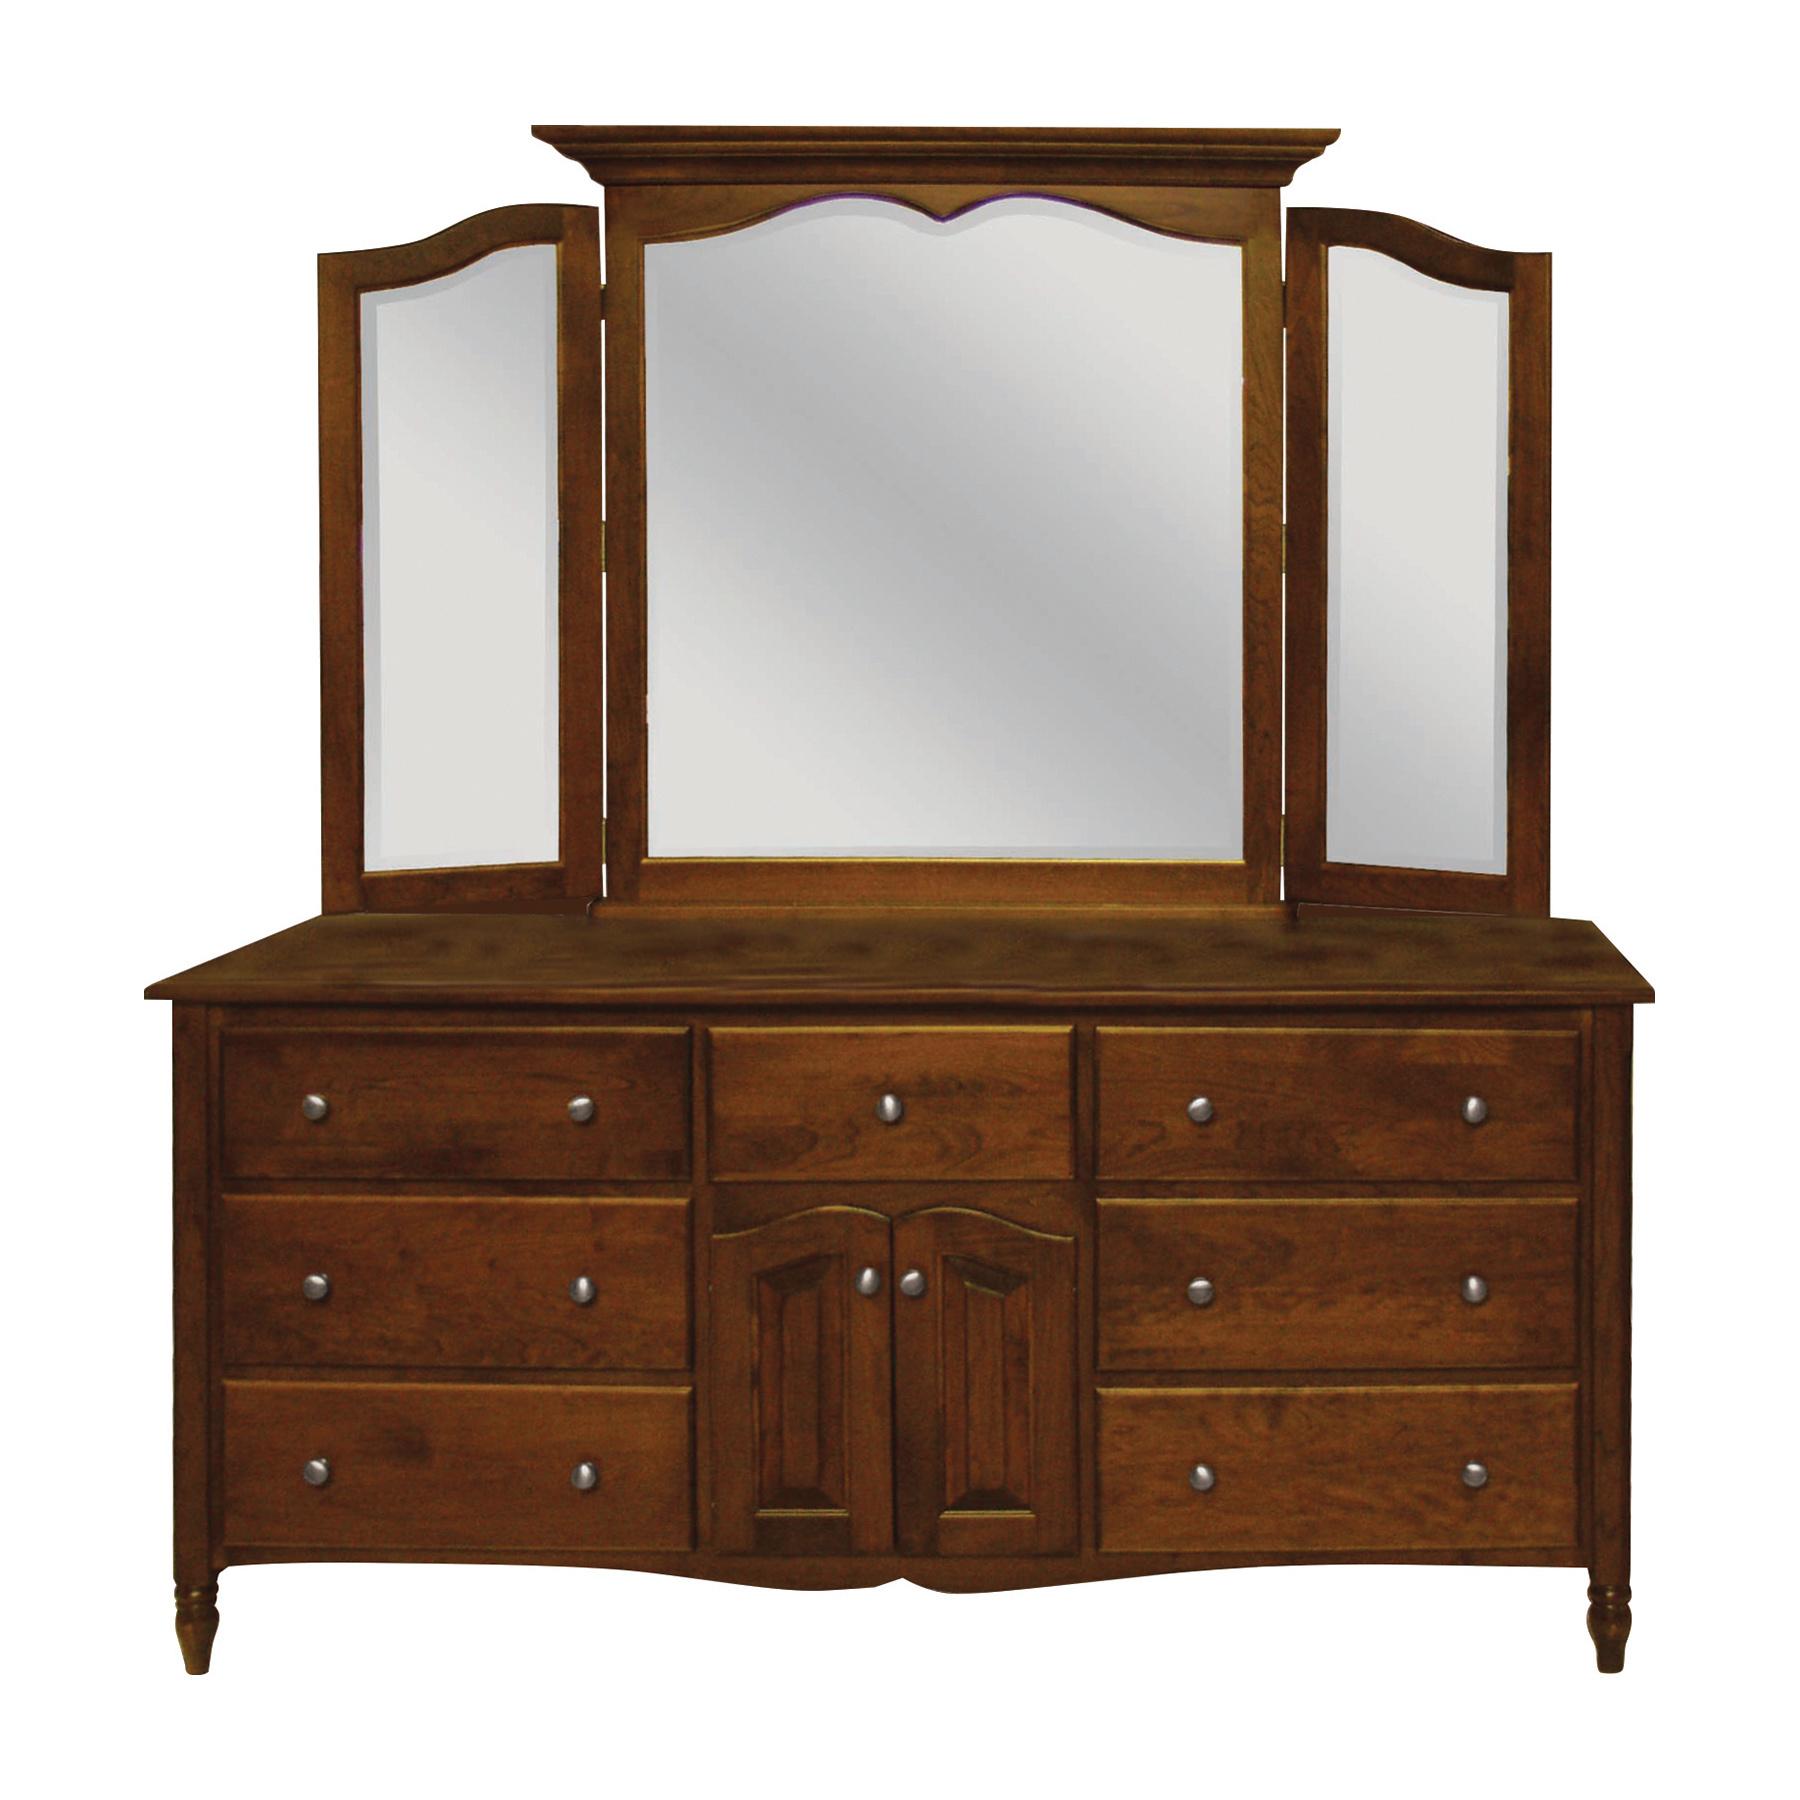 Delafield Triple Dresser and Tri-View Mi